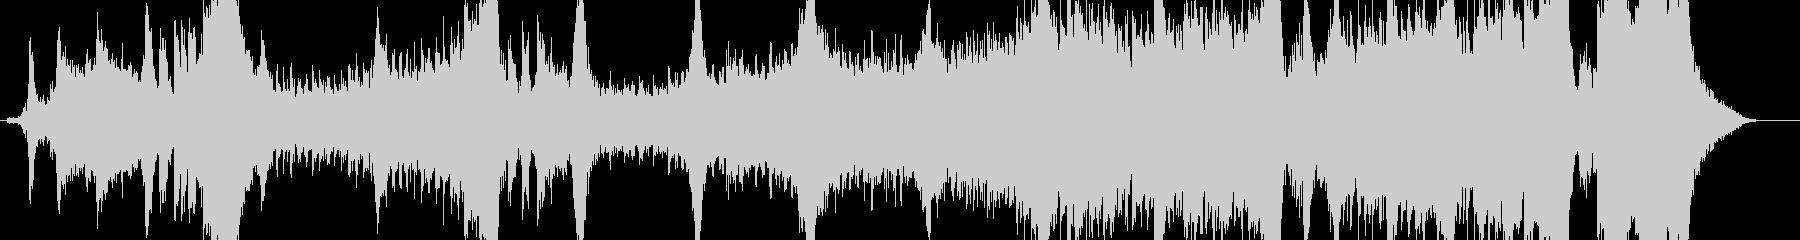 ライブオーケストラ、ソロソプラノ、...の未再生の波形